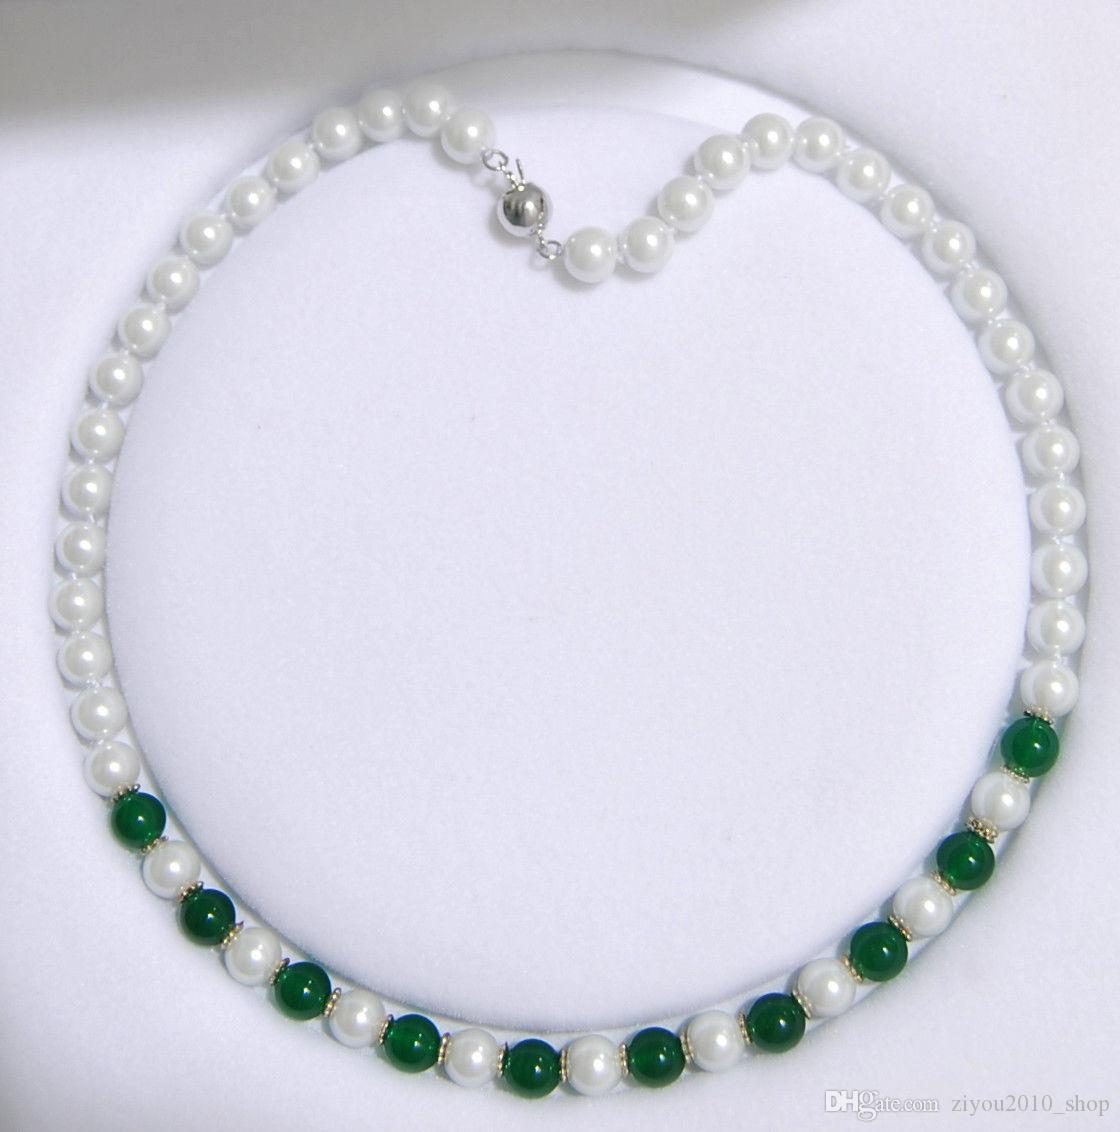 perles rondes perle de jade vert main coquille blanche 8 mm charme nouée collier 45cm bijoux de mode 3pc / lot